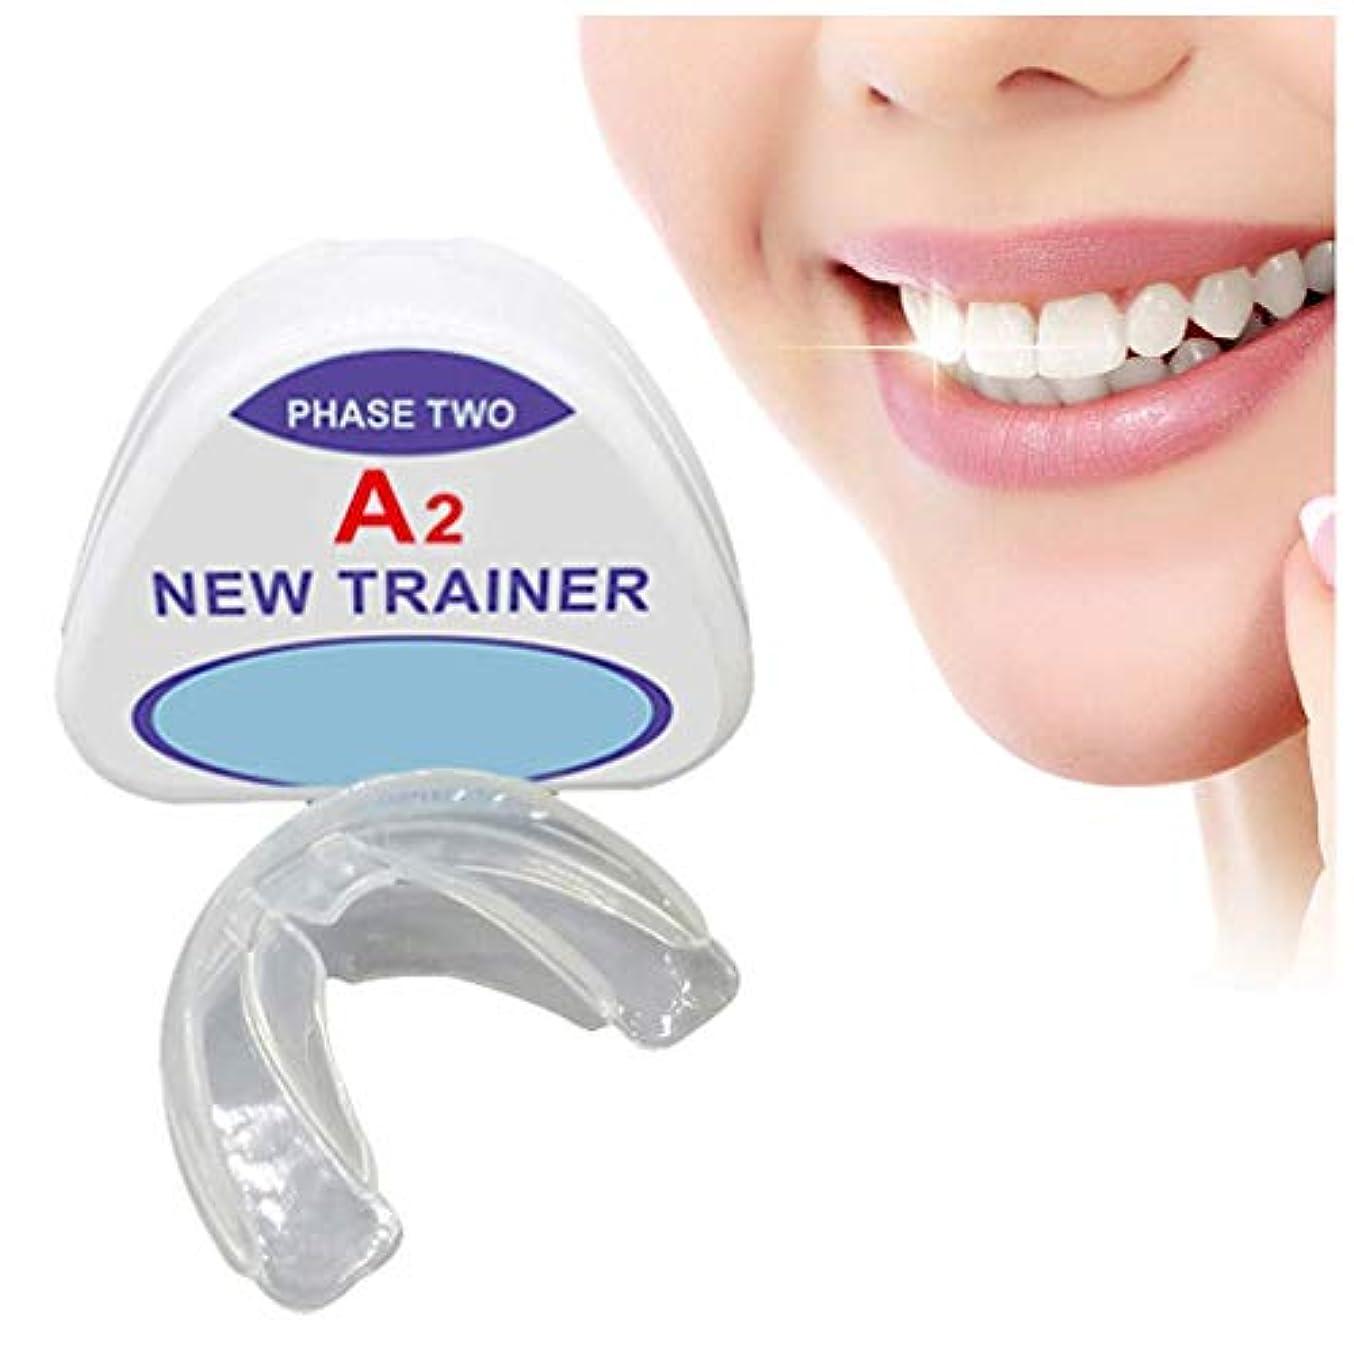 シネウィ熟練したクリップ歯列矯正トレーナーリテーナー、歯科矯正ブレース、歯科マウスガード矯正器具、夜間予防臼歯ブレース、(2ステージ)、A1 + A2,A2